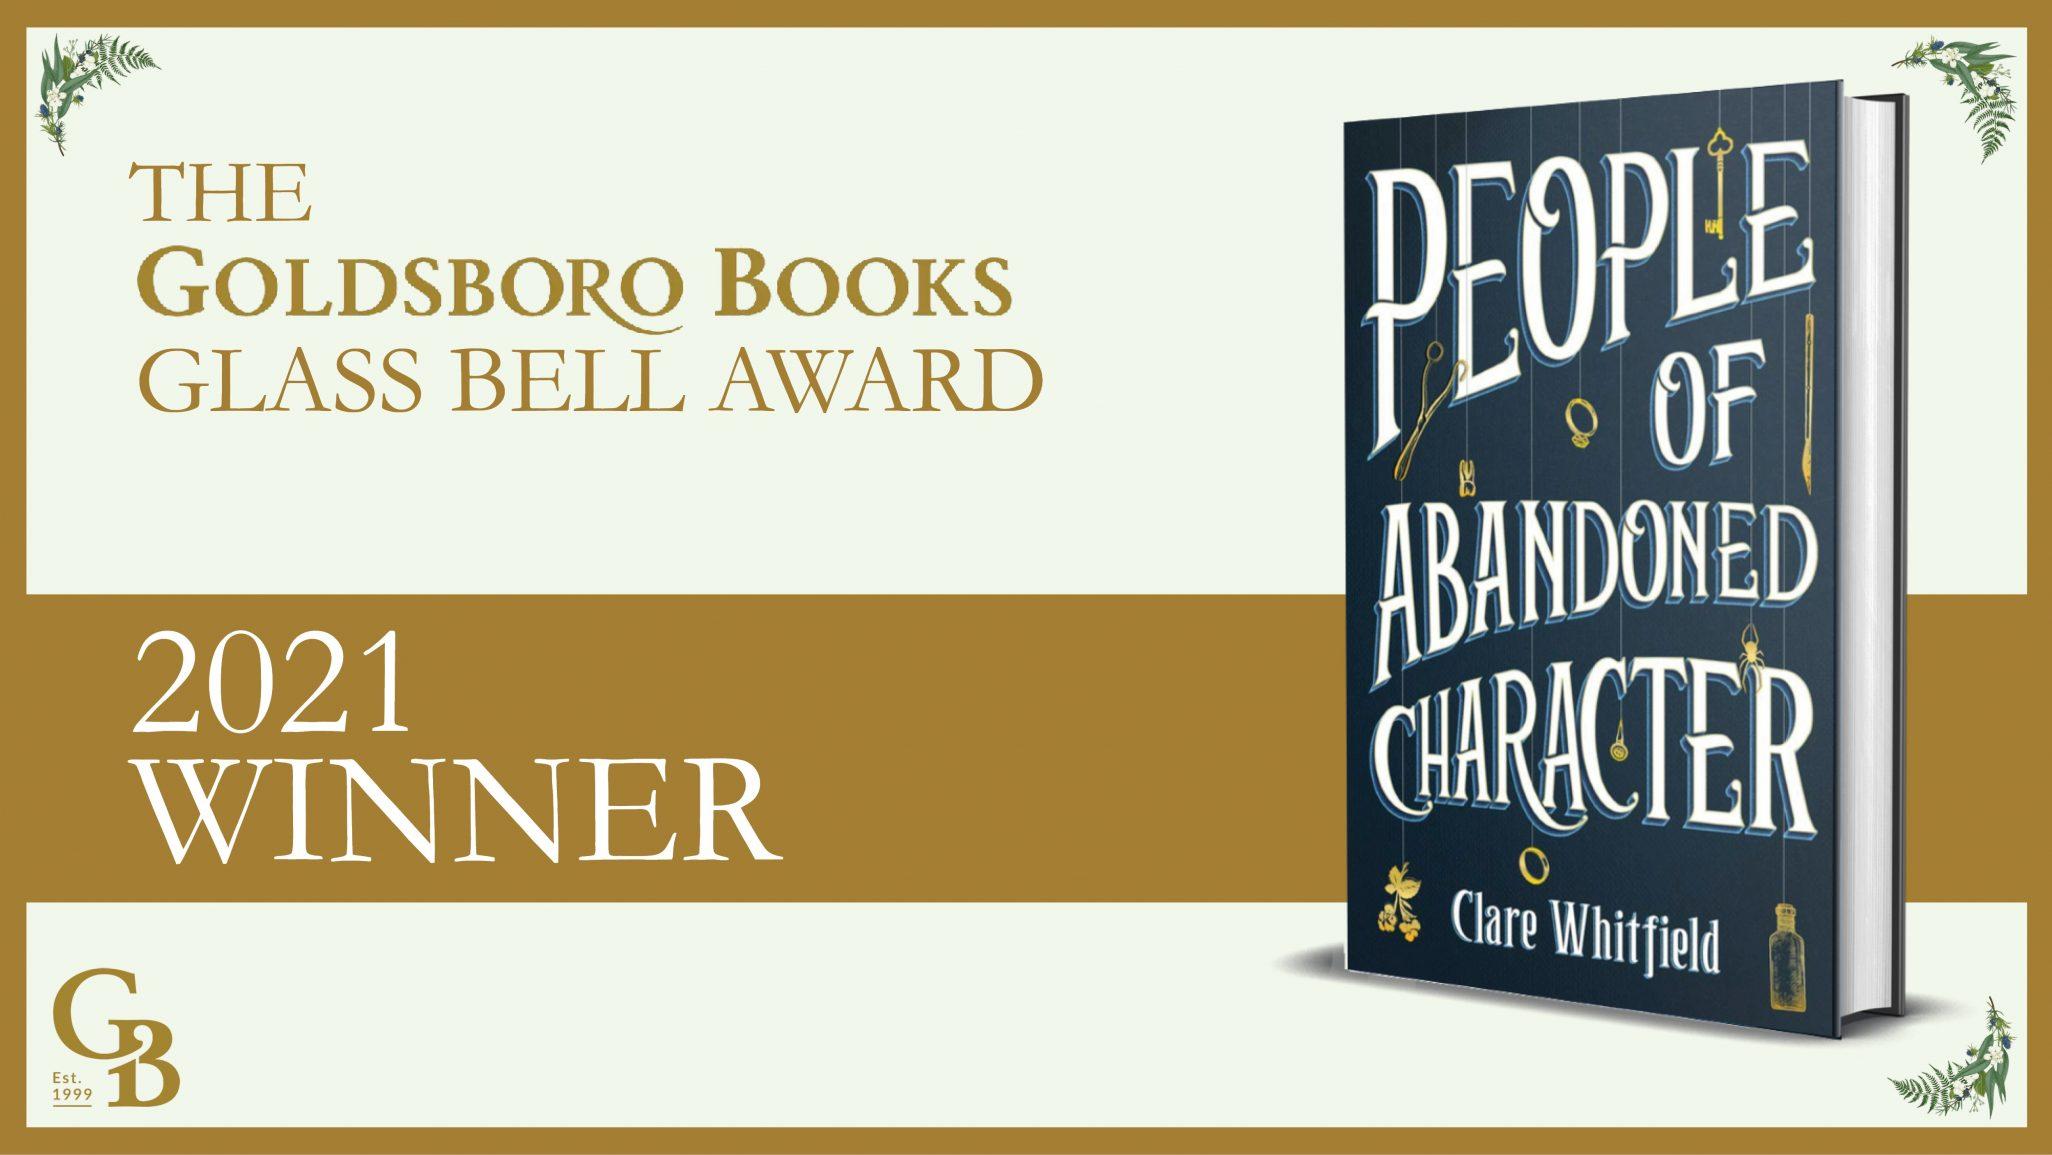 Goldsboro Books Glass Bell Award 2021 - Winner